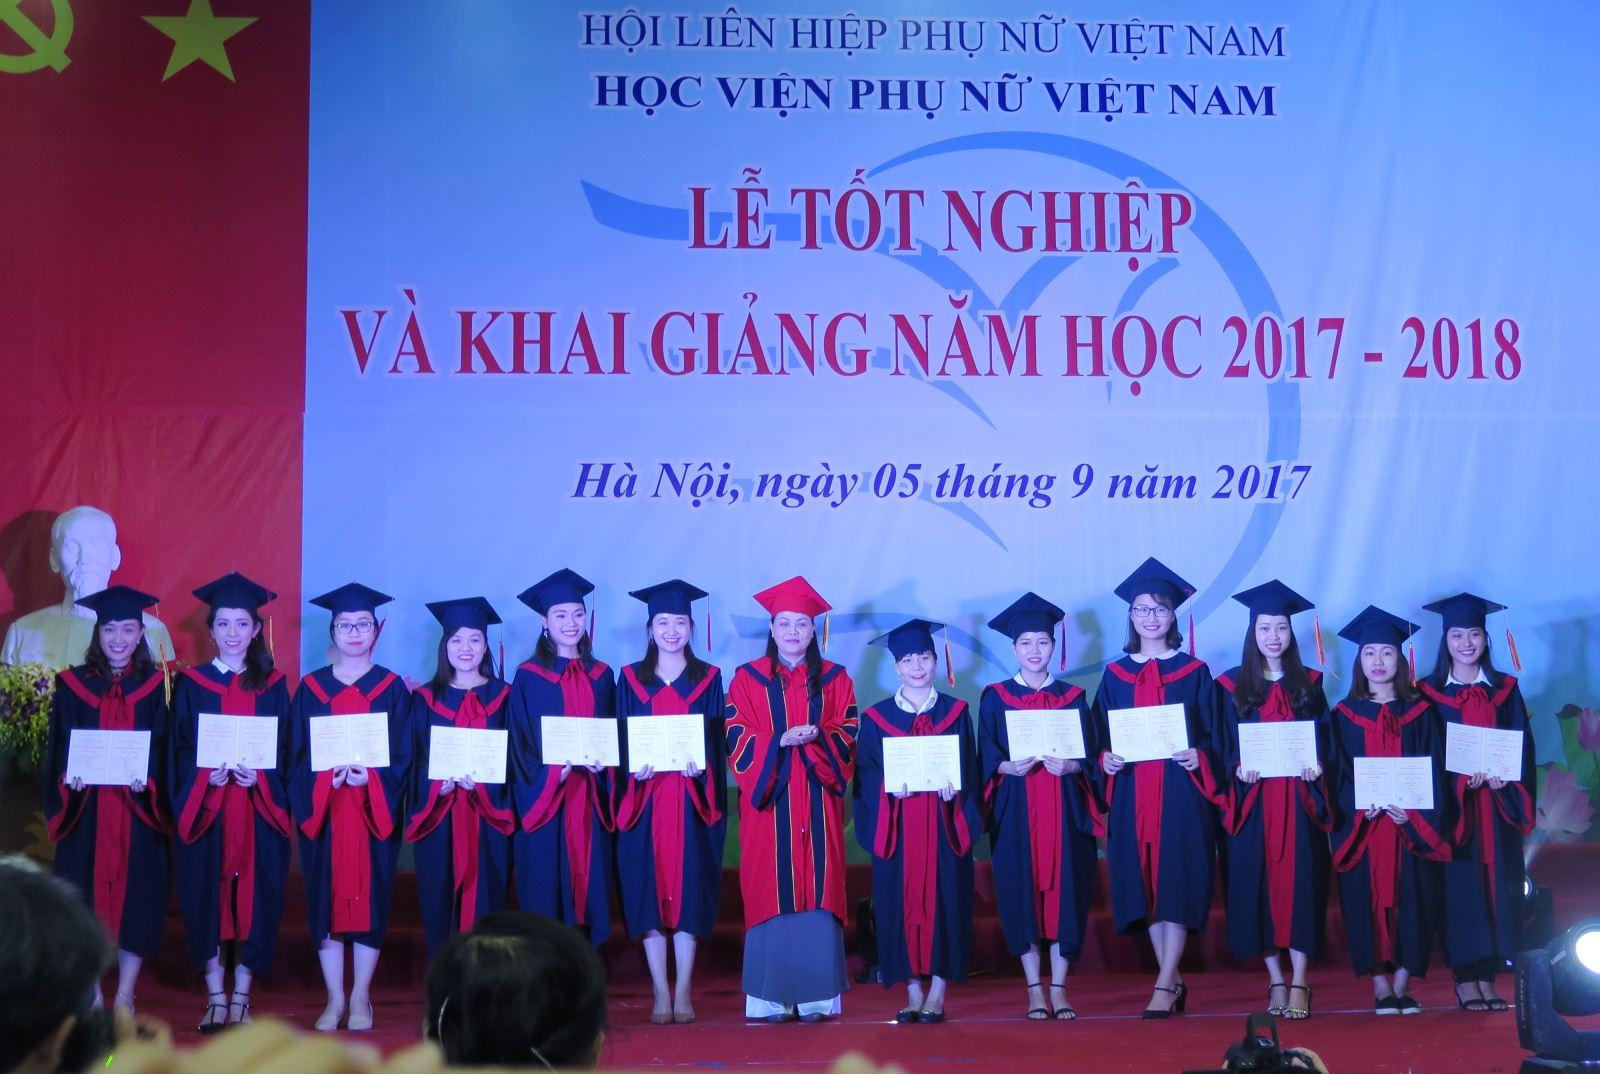 Học viện Phụ nữ Việt nam tổ chức lễ tốt nghiệp và khai giảng năm học 2017 - 2018